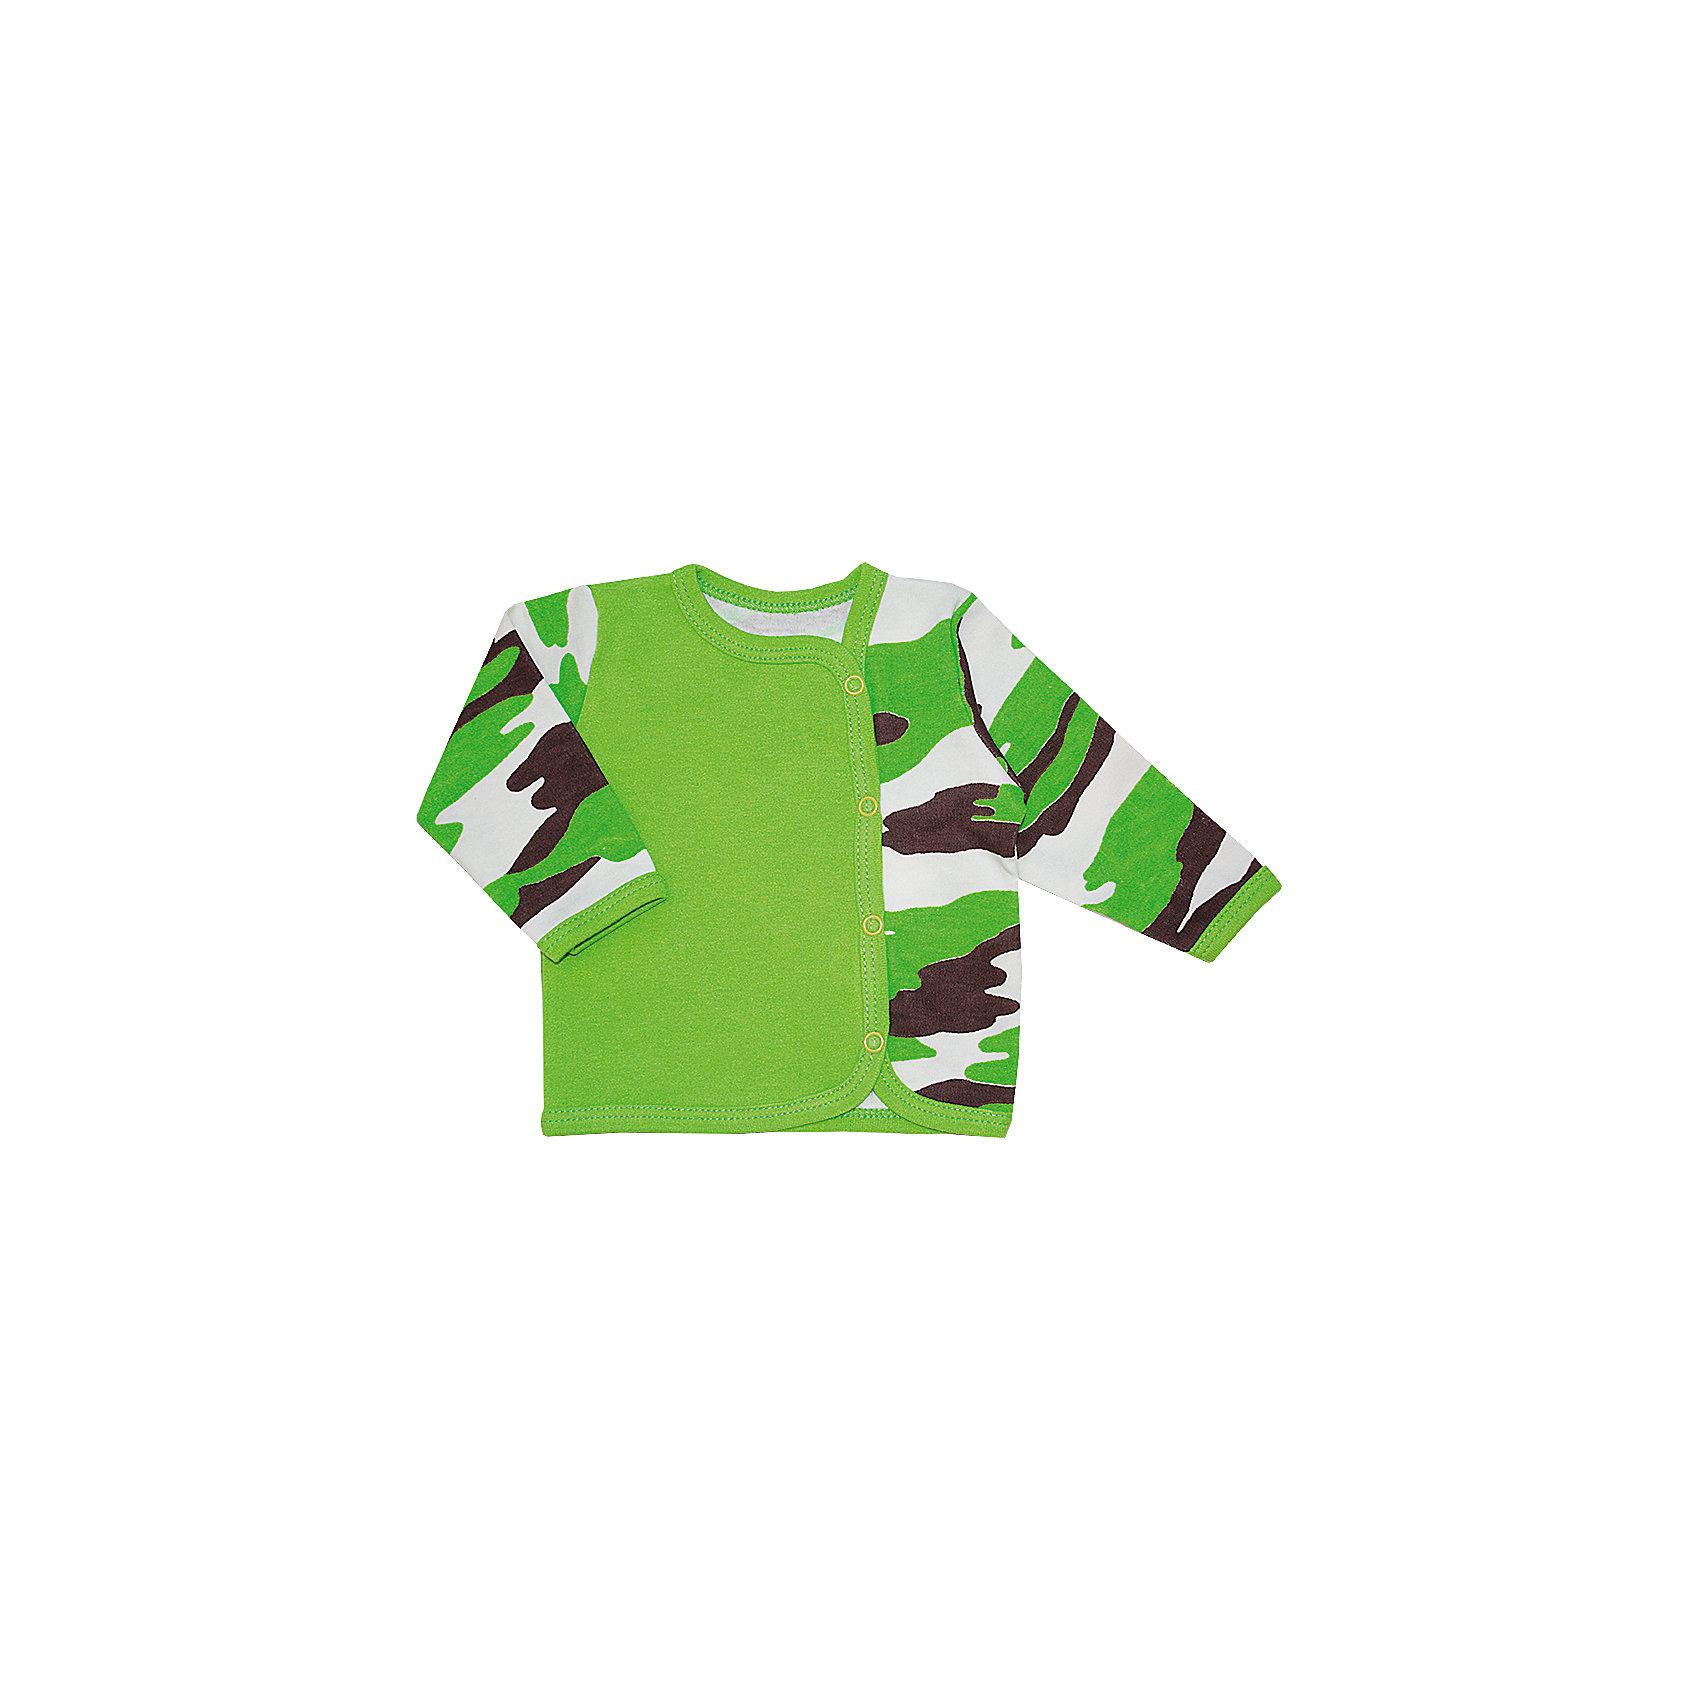 Футболка с длинным рукавом для мальчика KotMarKotФутболки с длинным рукавом<br>Кофточка для мальчика от российской марки KotMarKot.<br> Состав: 100% хлопок(интерлок-пенье)<br><br>Ширина мм: 157<br>Глубина мм: 13<br>Высота мм: 119<br>Вес г: 200<br>Цвет: зеленый<br>Возраст от месяцев: 0<br>Возраст до месяцев: 1<br>Пол: Мужской<br>Возраст: Детский<br>Размер: 56,68,80,86,74,62<br>SKU: 4624076